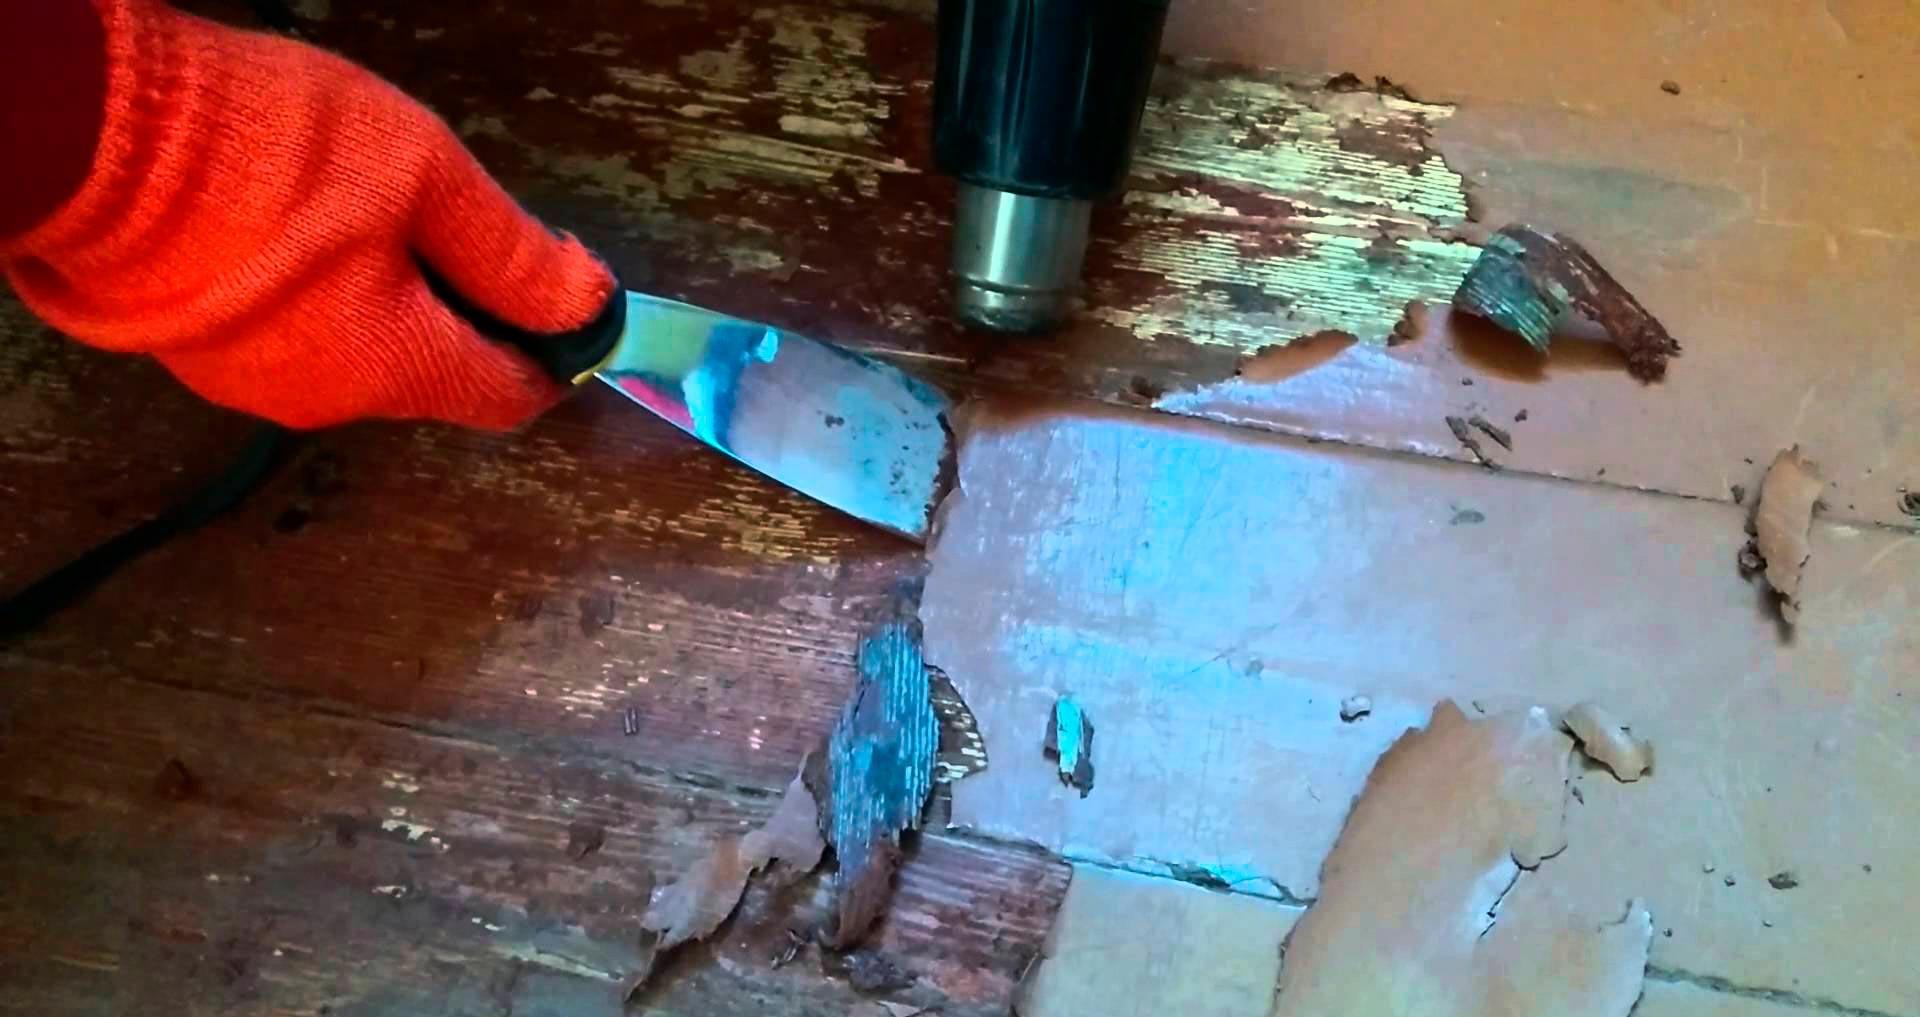 Удаление лака с деревянного пола перед укладкой ПВХ плитки